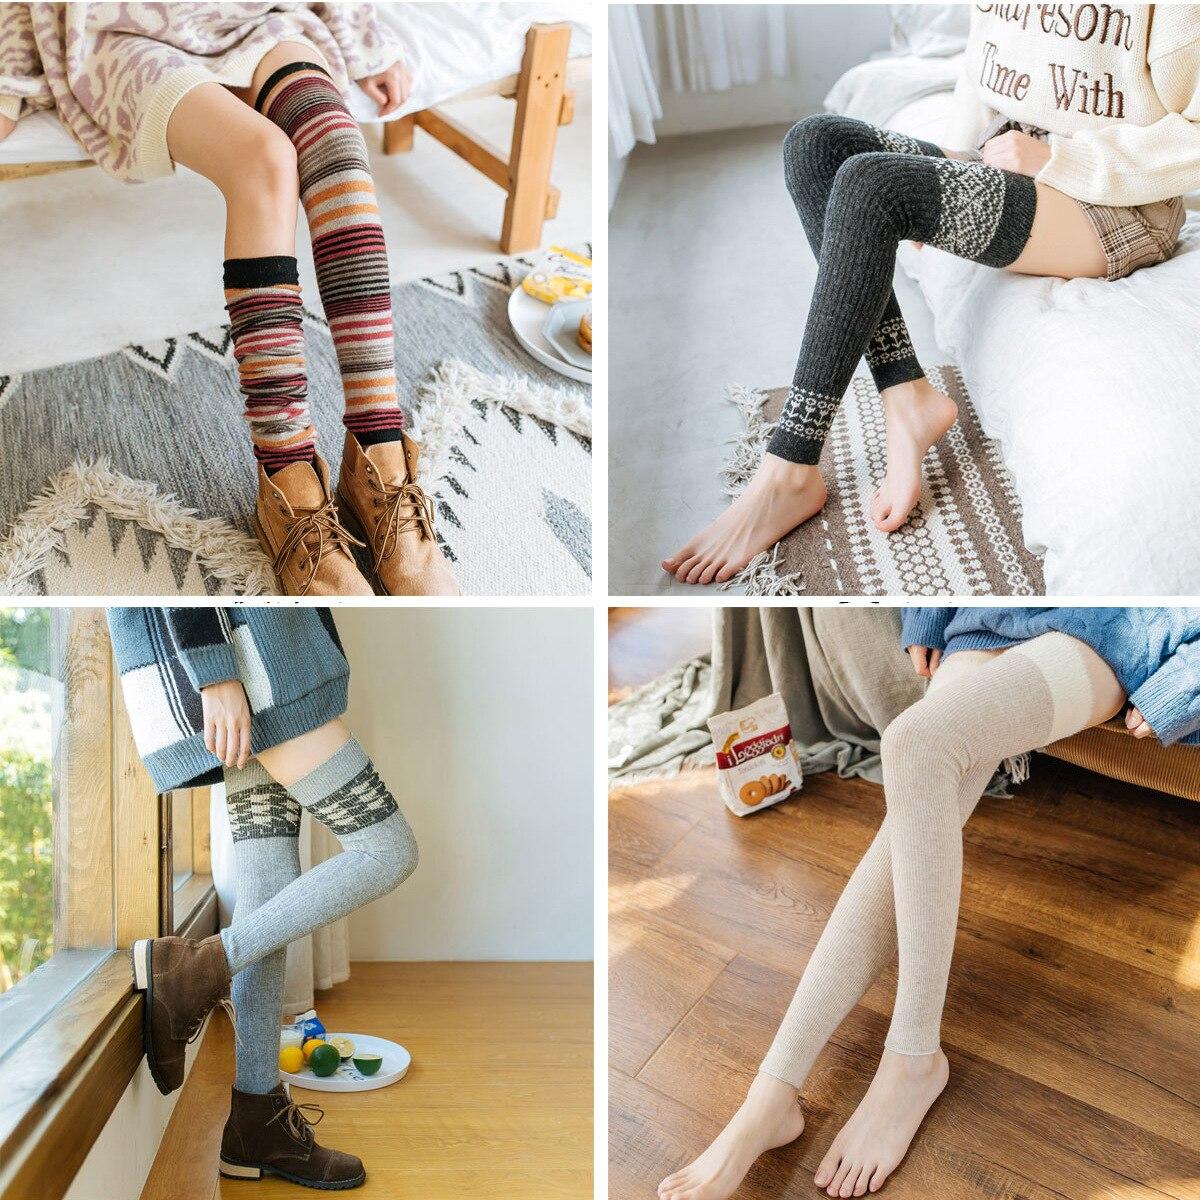 Осенне-зимние длинные чулки до колена из кроличьей шерсти с высокими сапогами женские носки леггинсы с чулками защита от голени